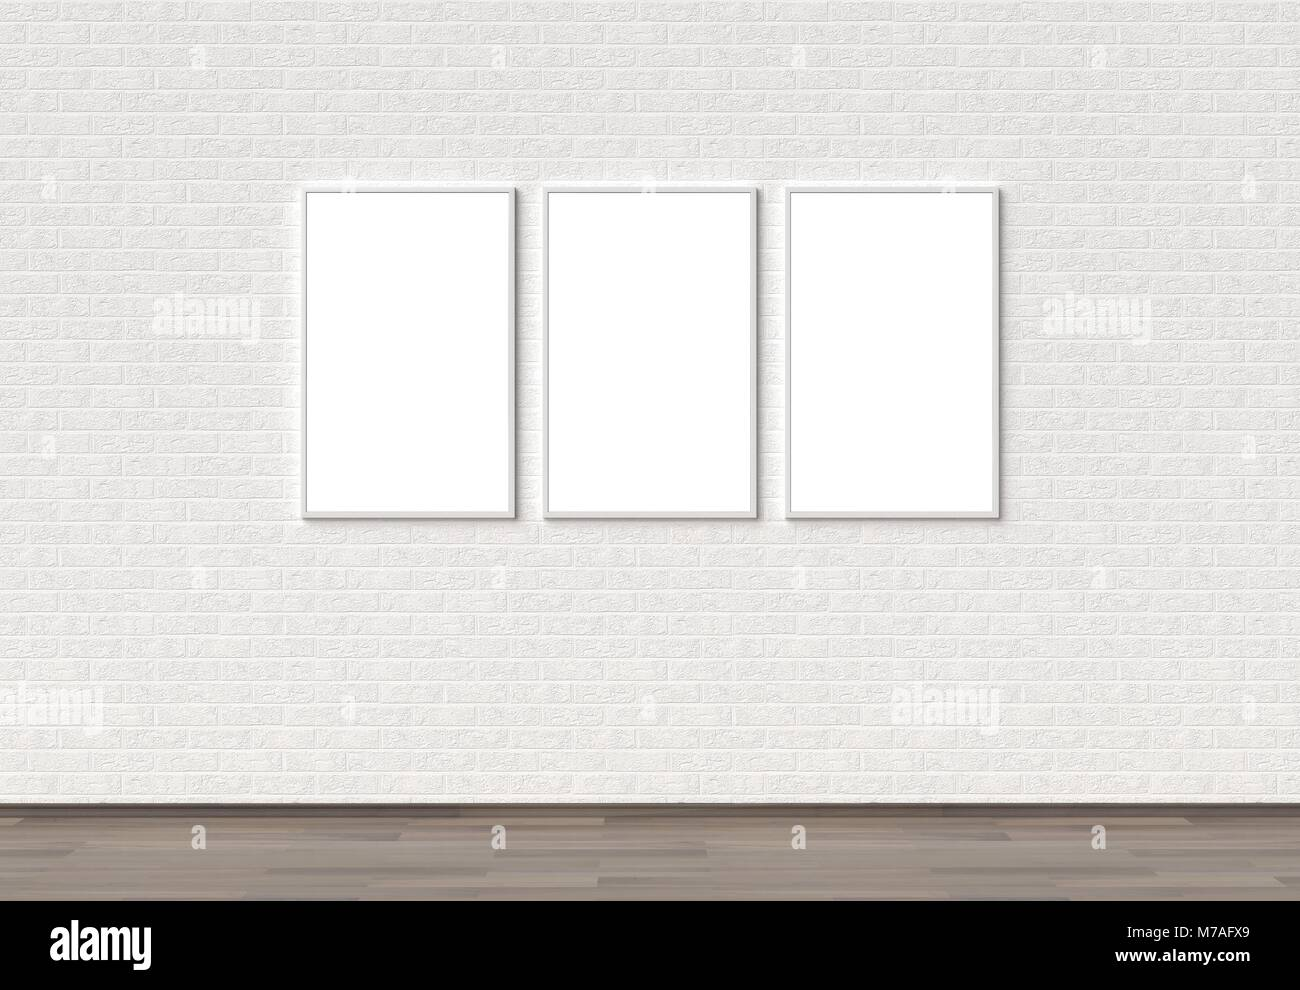 Ziemlich 12x12 Weißer Rahmen Fotos - Rahmen Ideen - markjohnsonshow.info